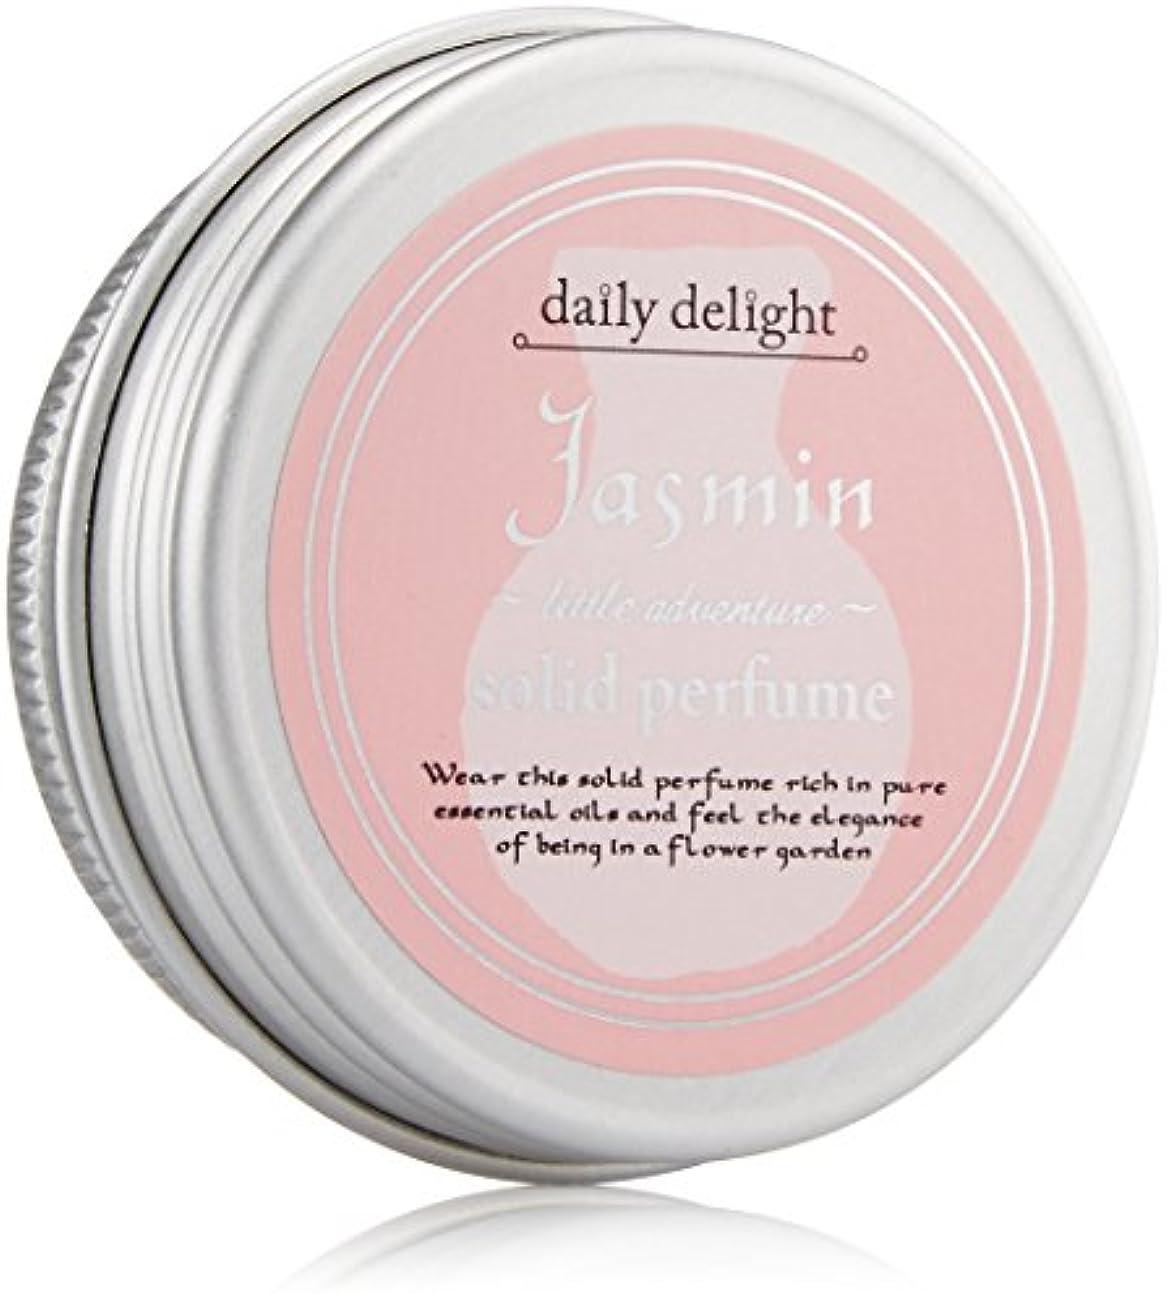 決してたるみ内部デイリーディライト 練り香水 ジャスミン  10g(香水 携帯用 ソリッドパフューム アルコールフリー 奥深く魅了されるジャスミンの香り)